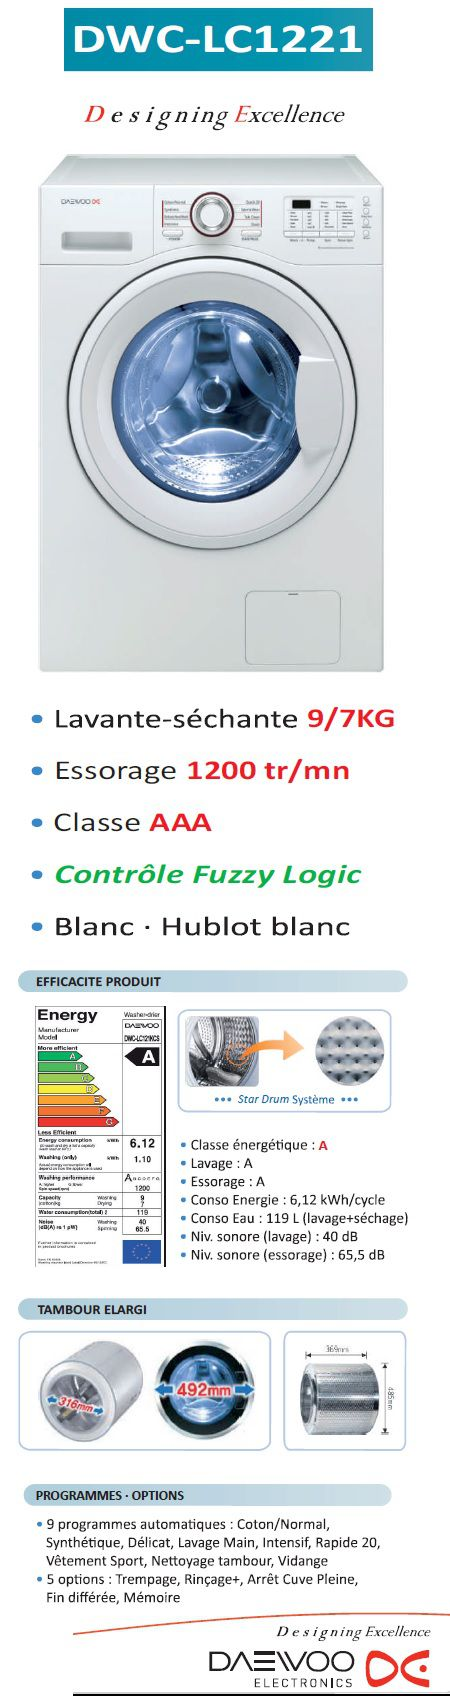 daewoo dwc lc1221 lavante s chante achat vente lave. Black Bedroom Furniture Sets. Home Design Ideas